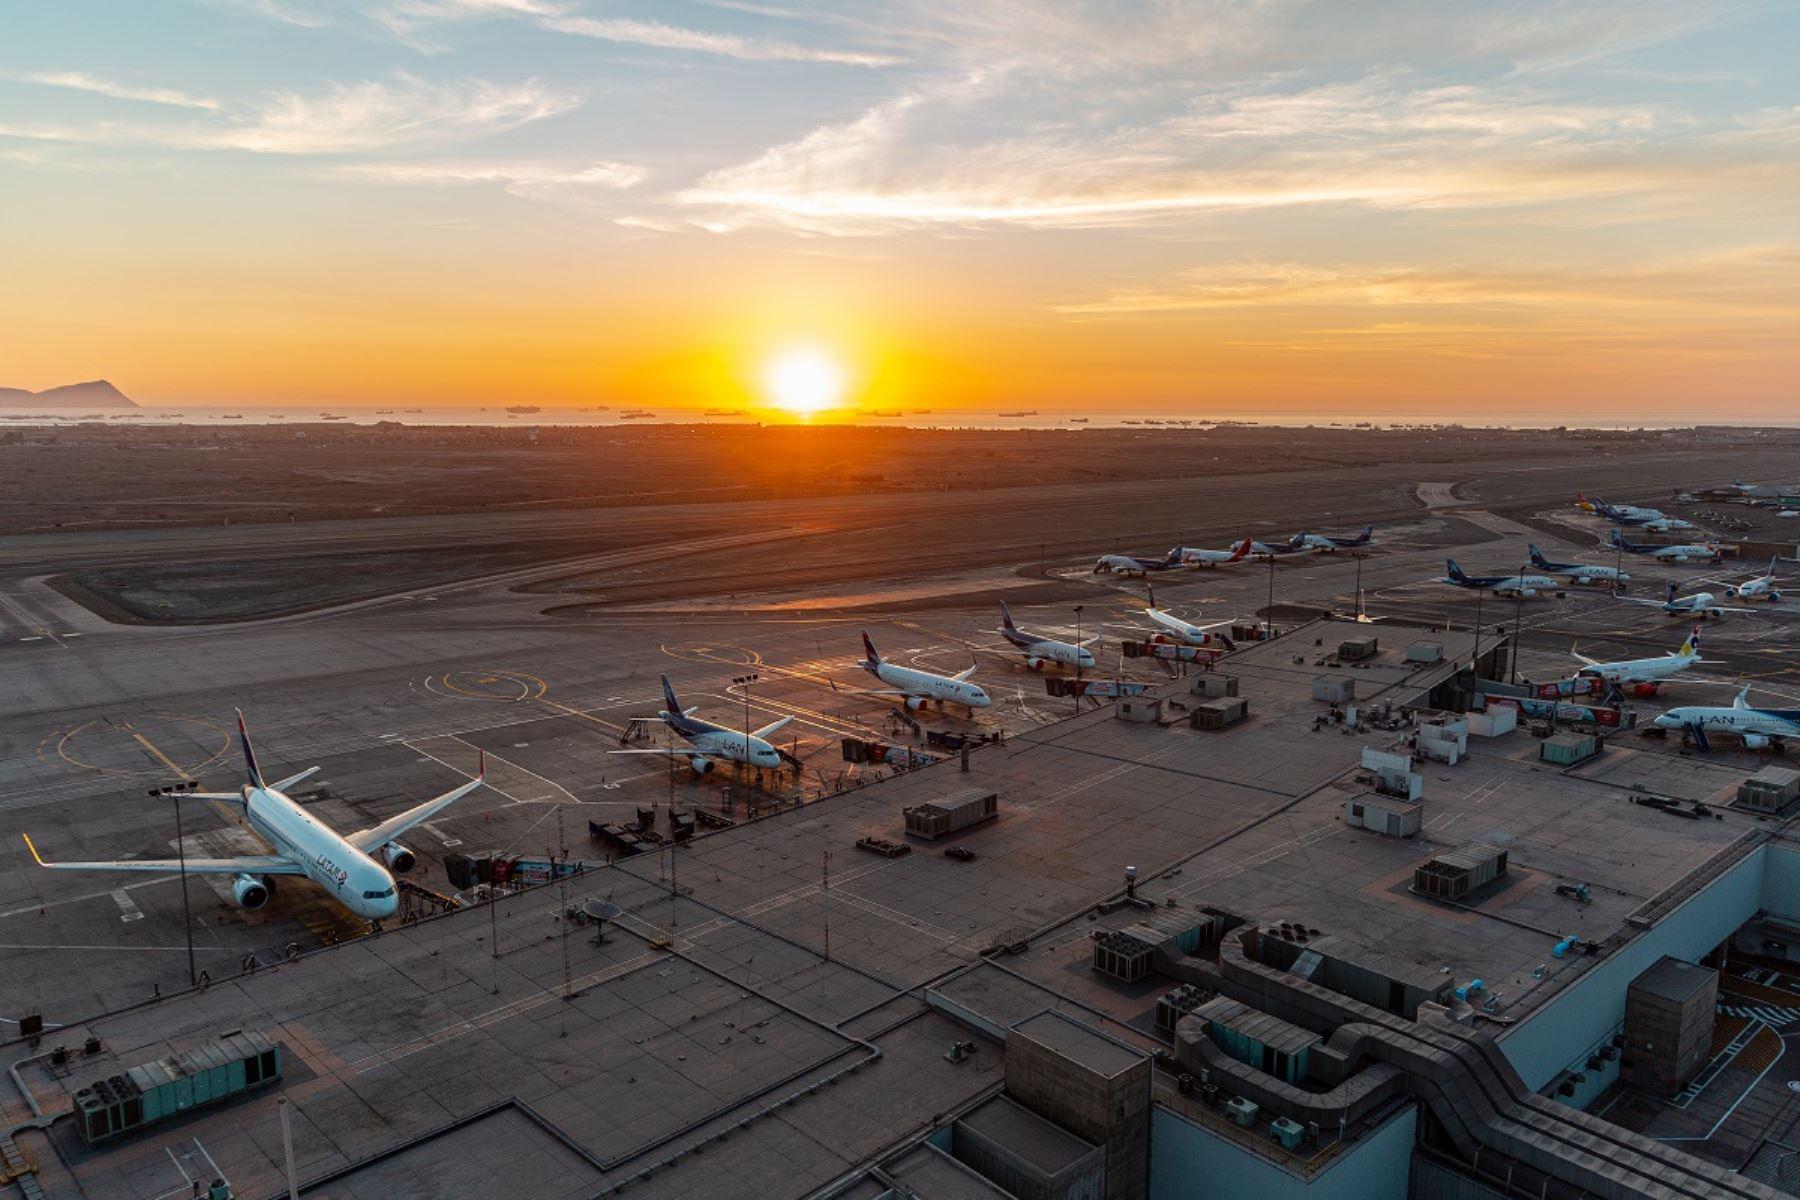 Aeropuerto Internacional Jorge Chávez. Foto: cortesía.